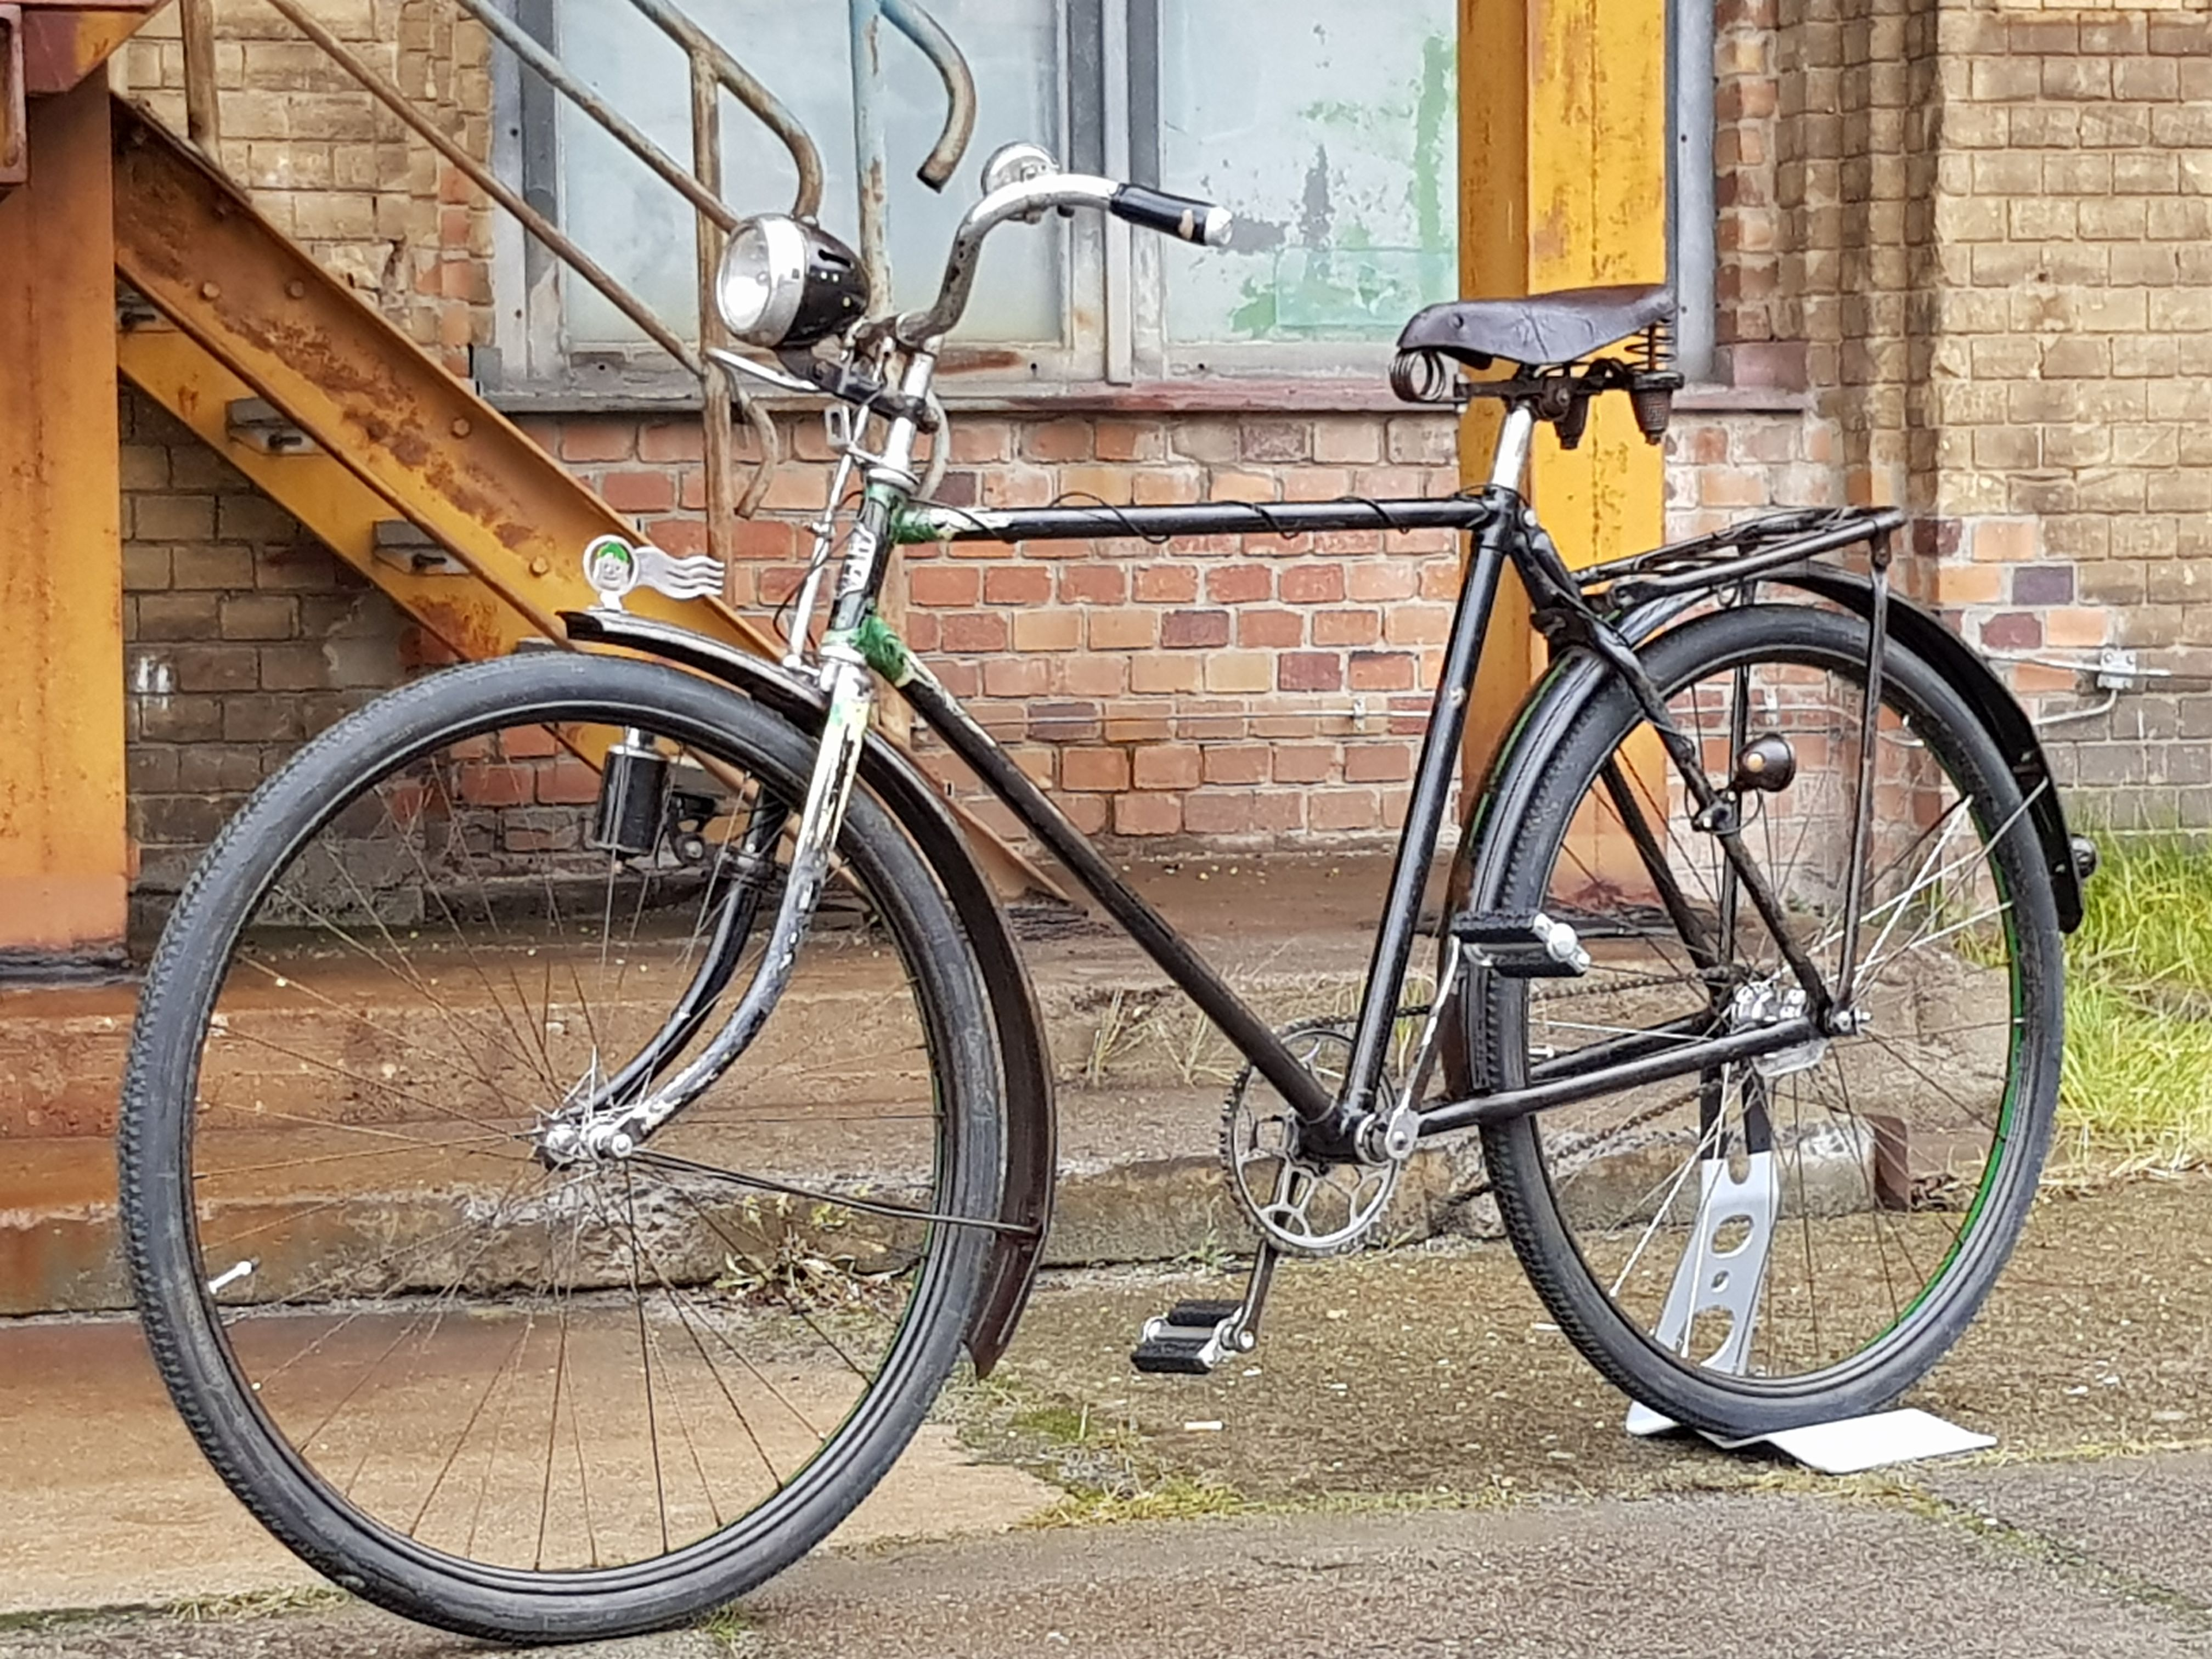 Diamant Modell 82 Vintage Bike Vintage Velo Old Bicycle Vintage